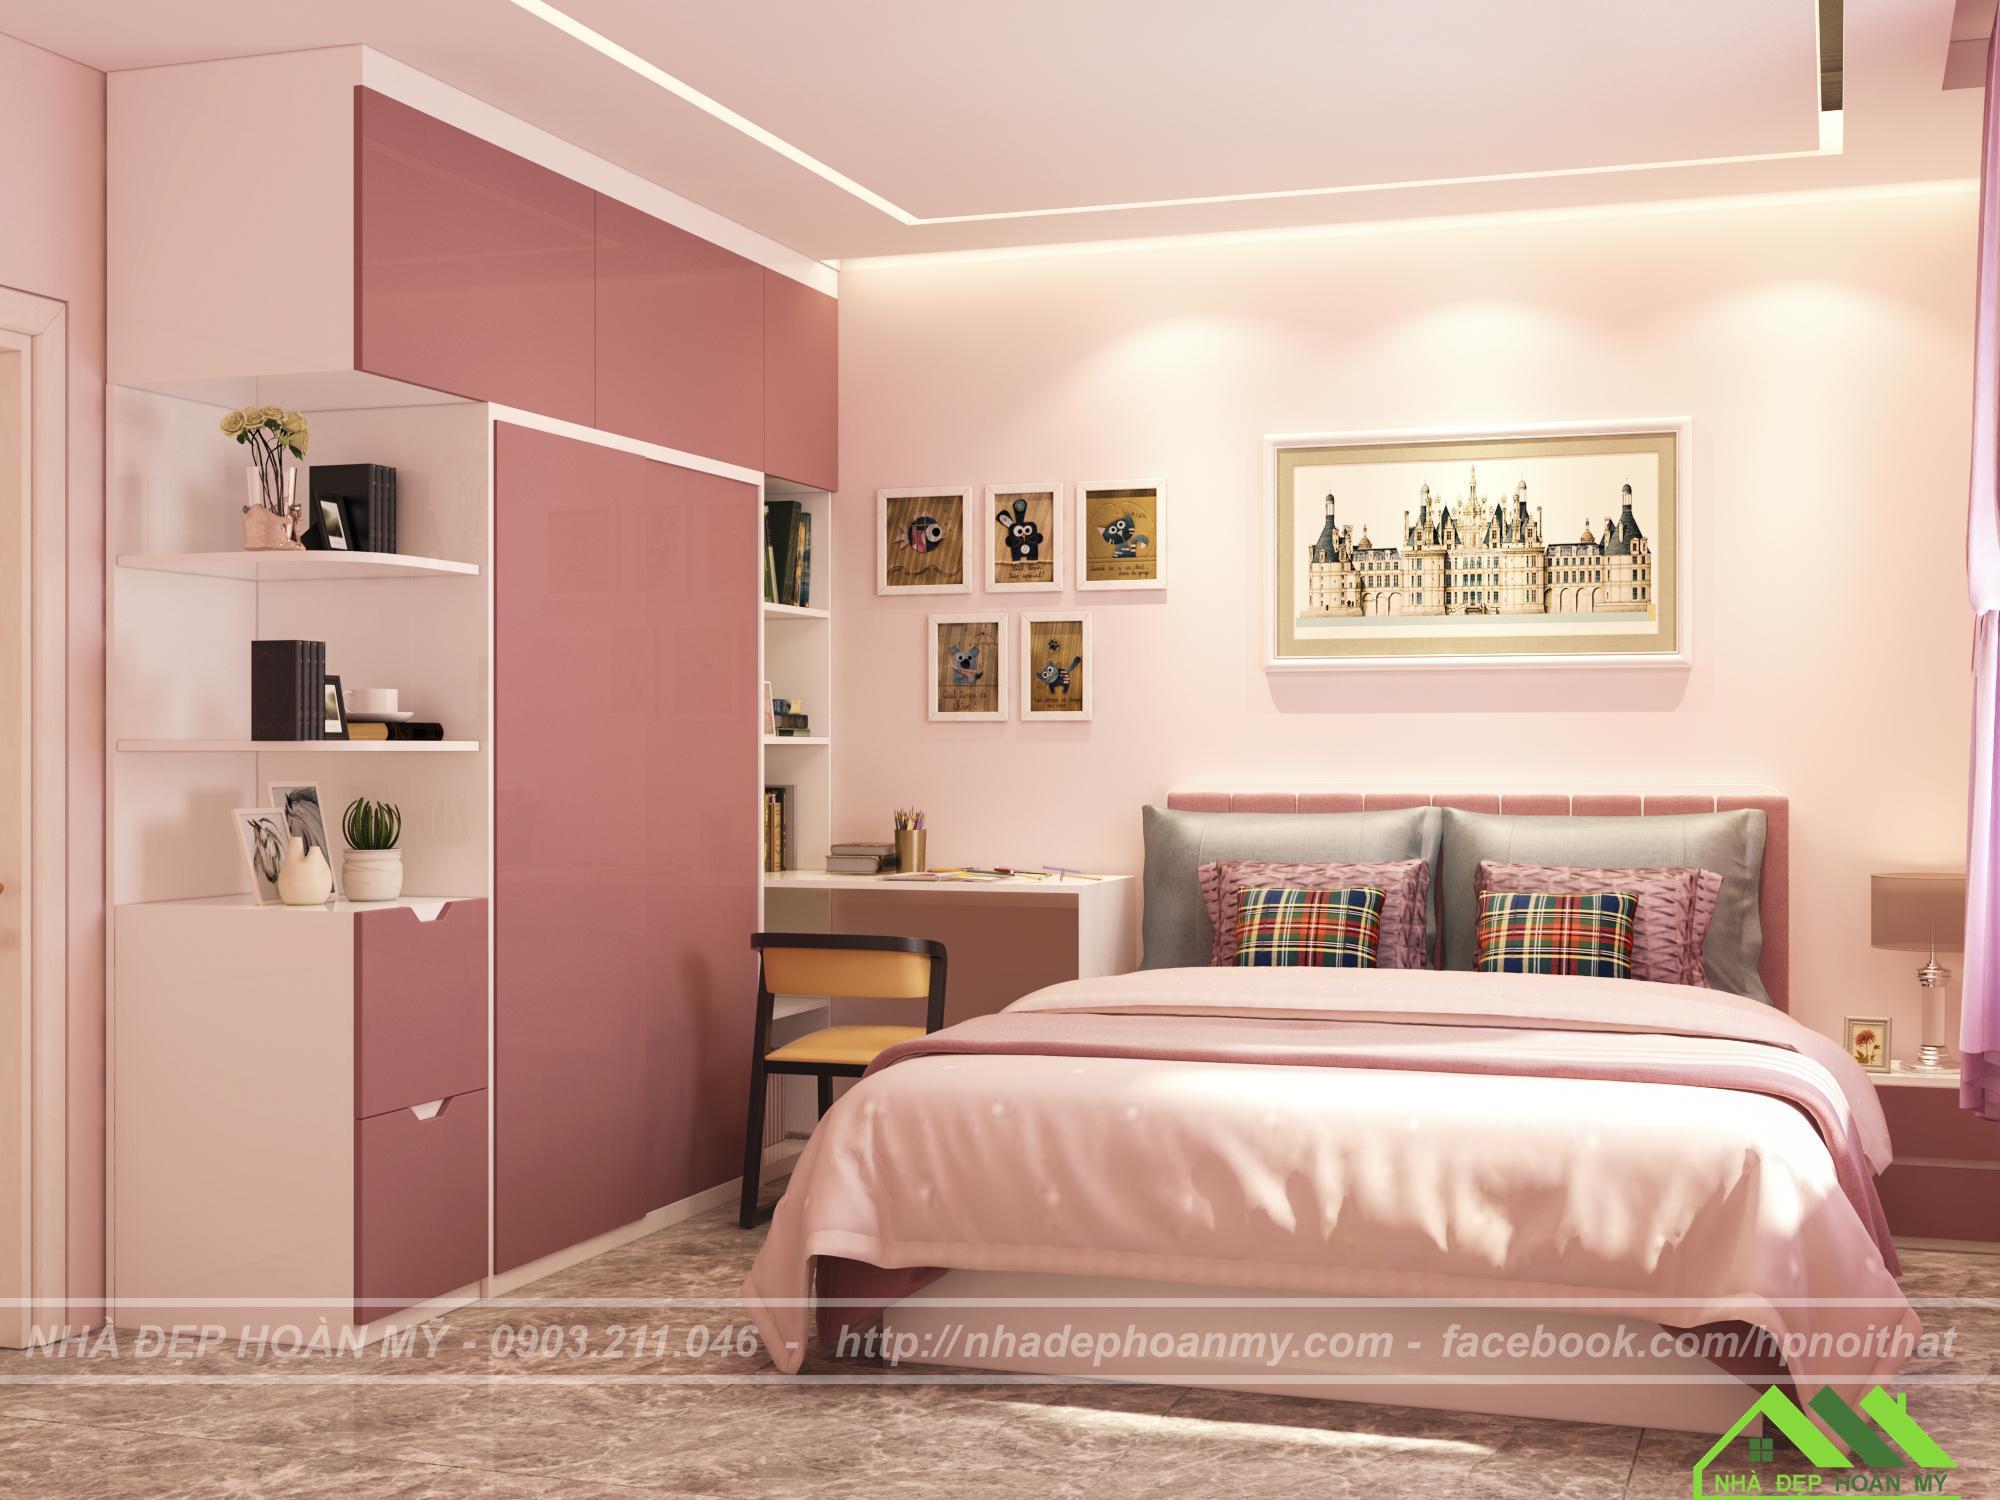 Phân loại phòng ngủ – giường ngủ tiêu chuẩn